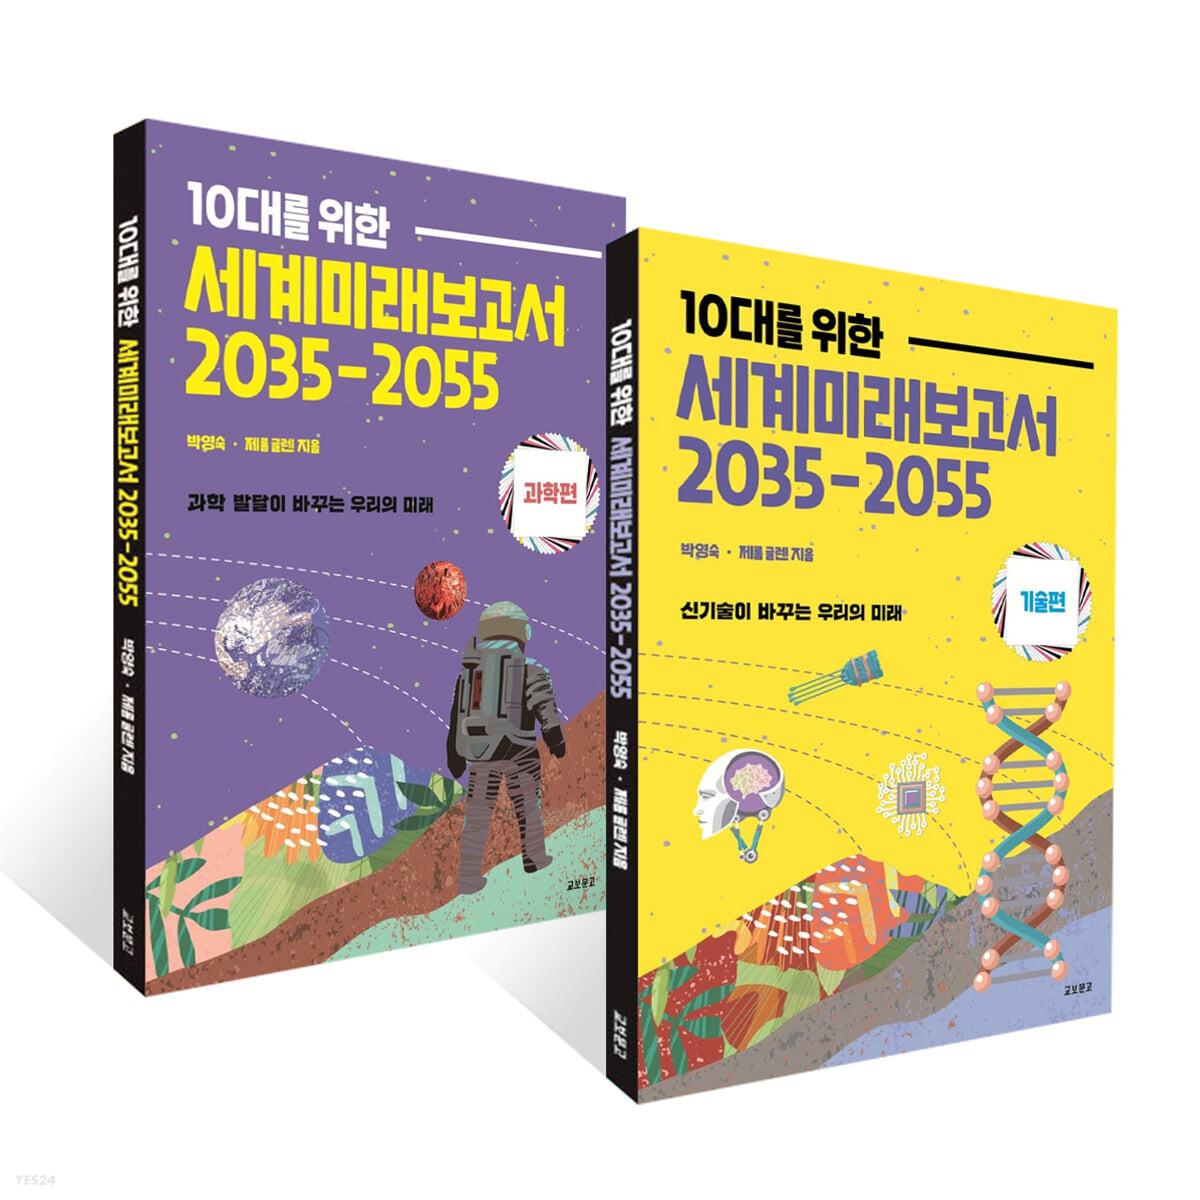 10대를 위한 세계 미래 보고서 2035-2055 2권 세트